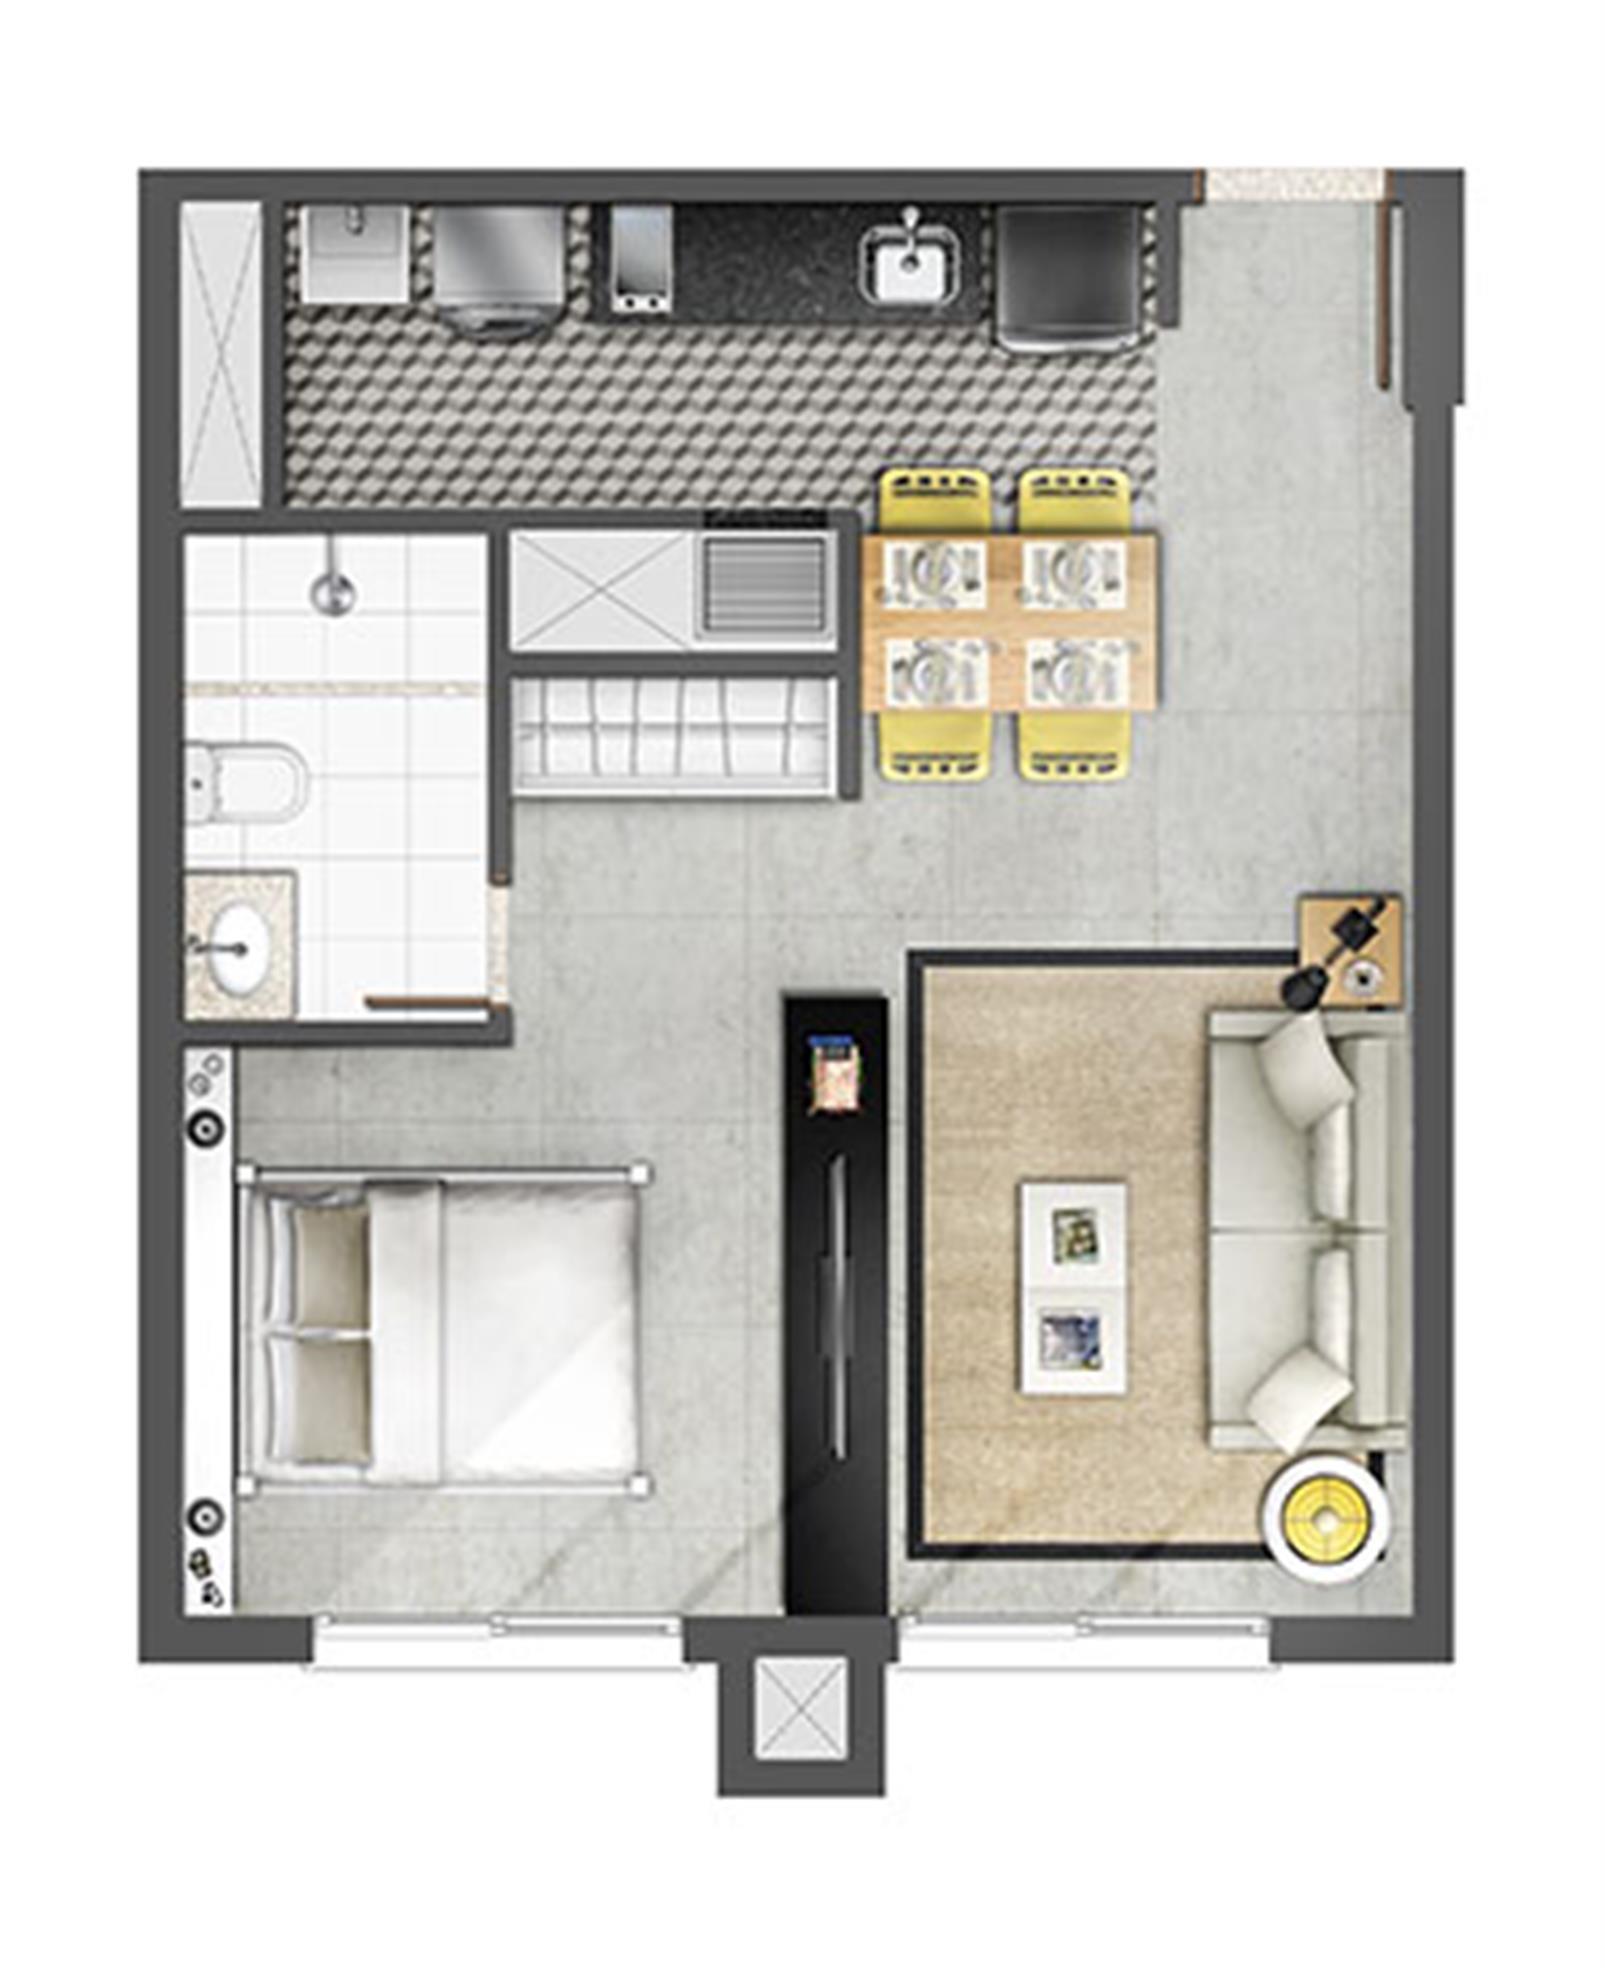 Estudio 45m² | Axis - Home – Apartamentono  Petrópolis - Porto Alegre - Rio Grande do Sul